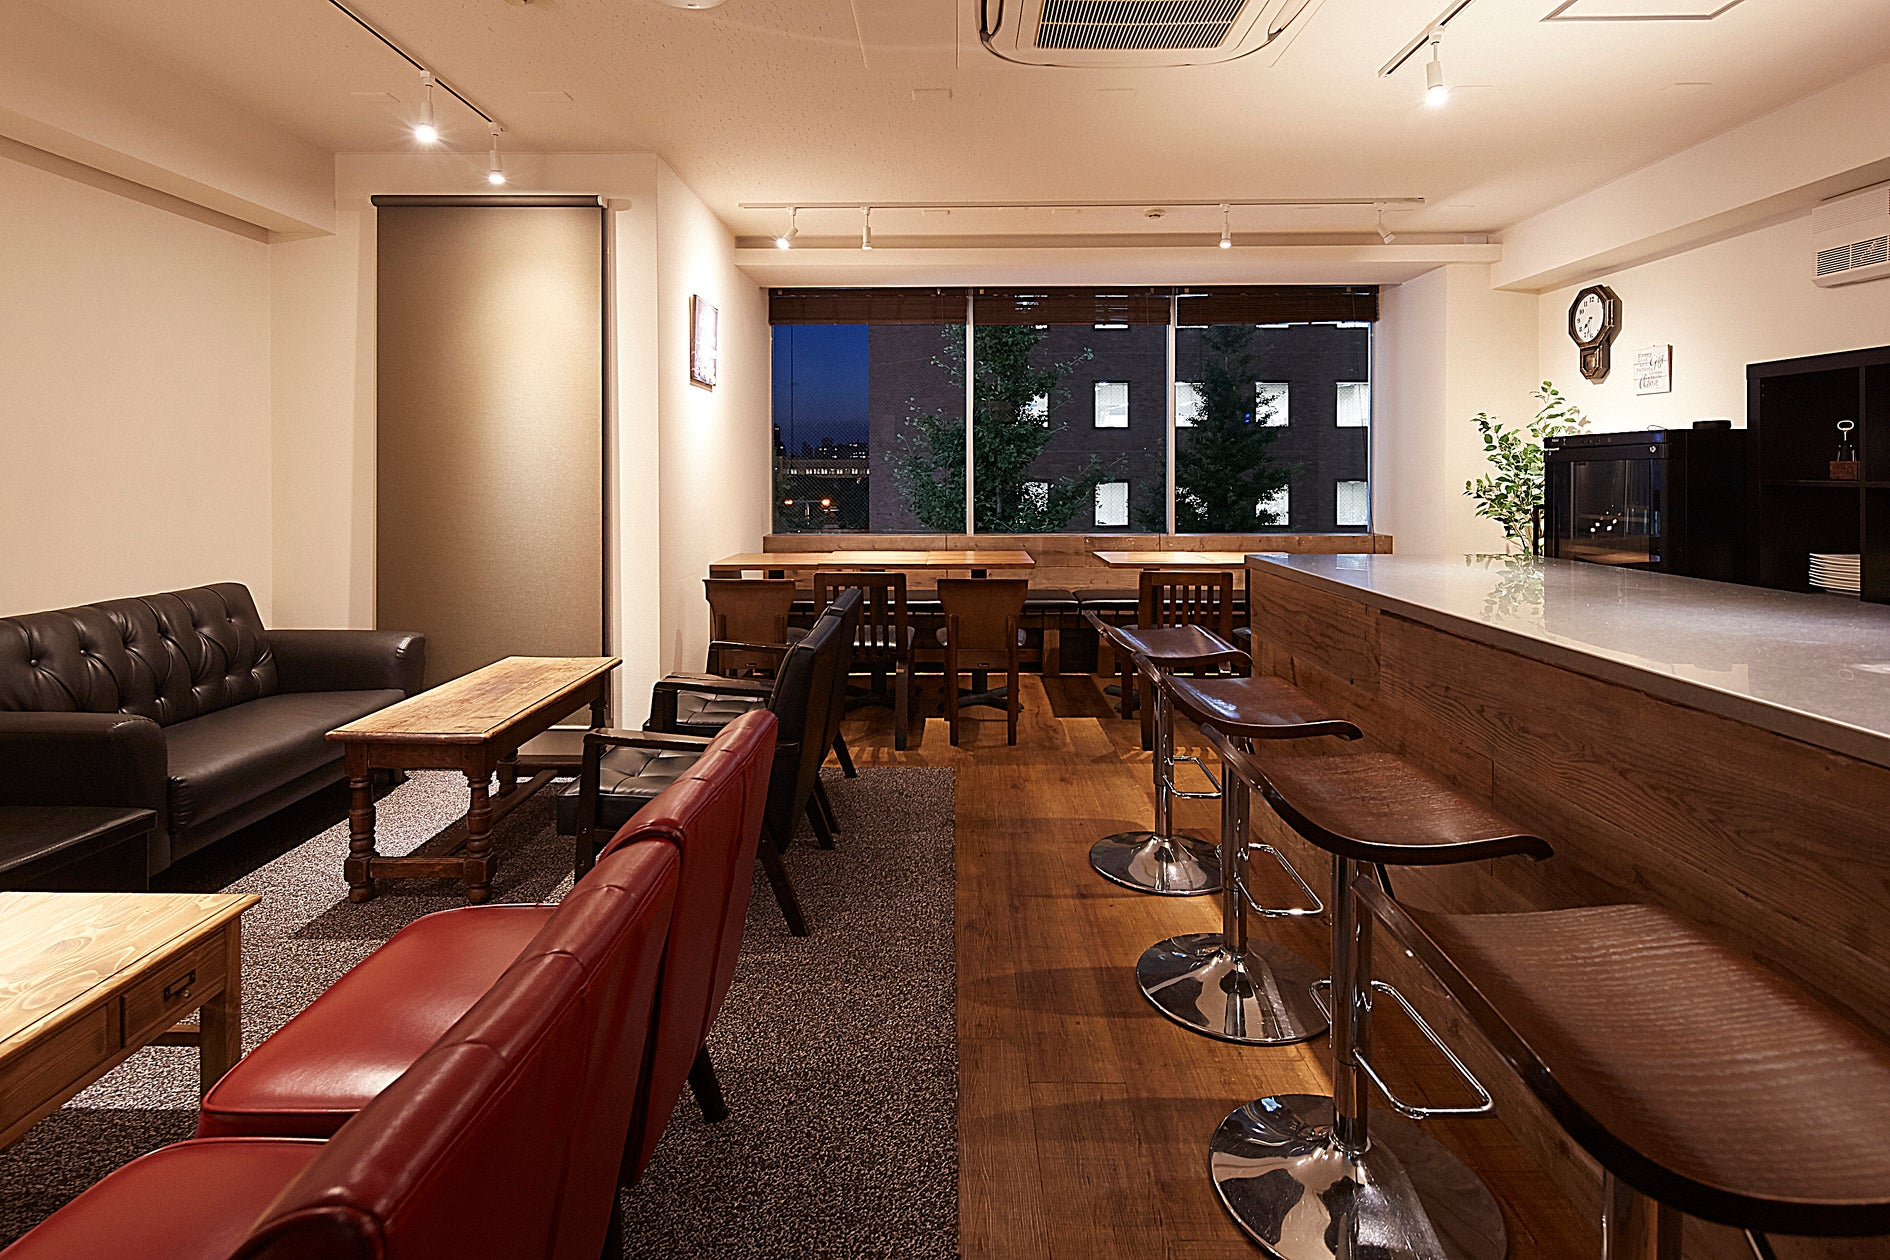 【新宿駅5分】Mace西新宿【本格キッチン付き!パーティー・女子会・ママ会にお勧め♪】 の写真